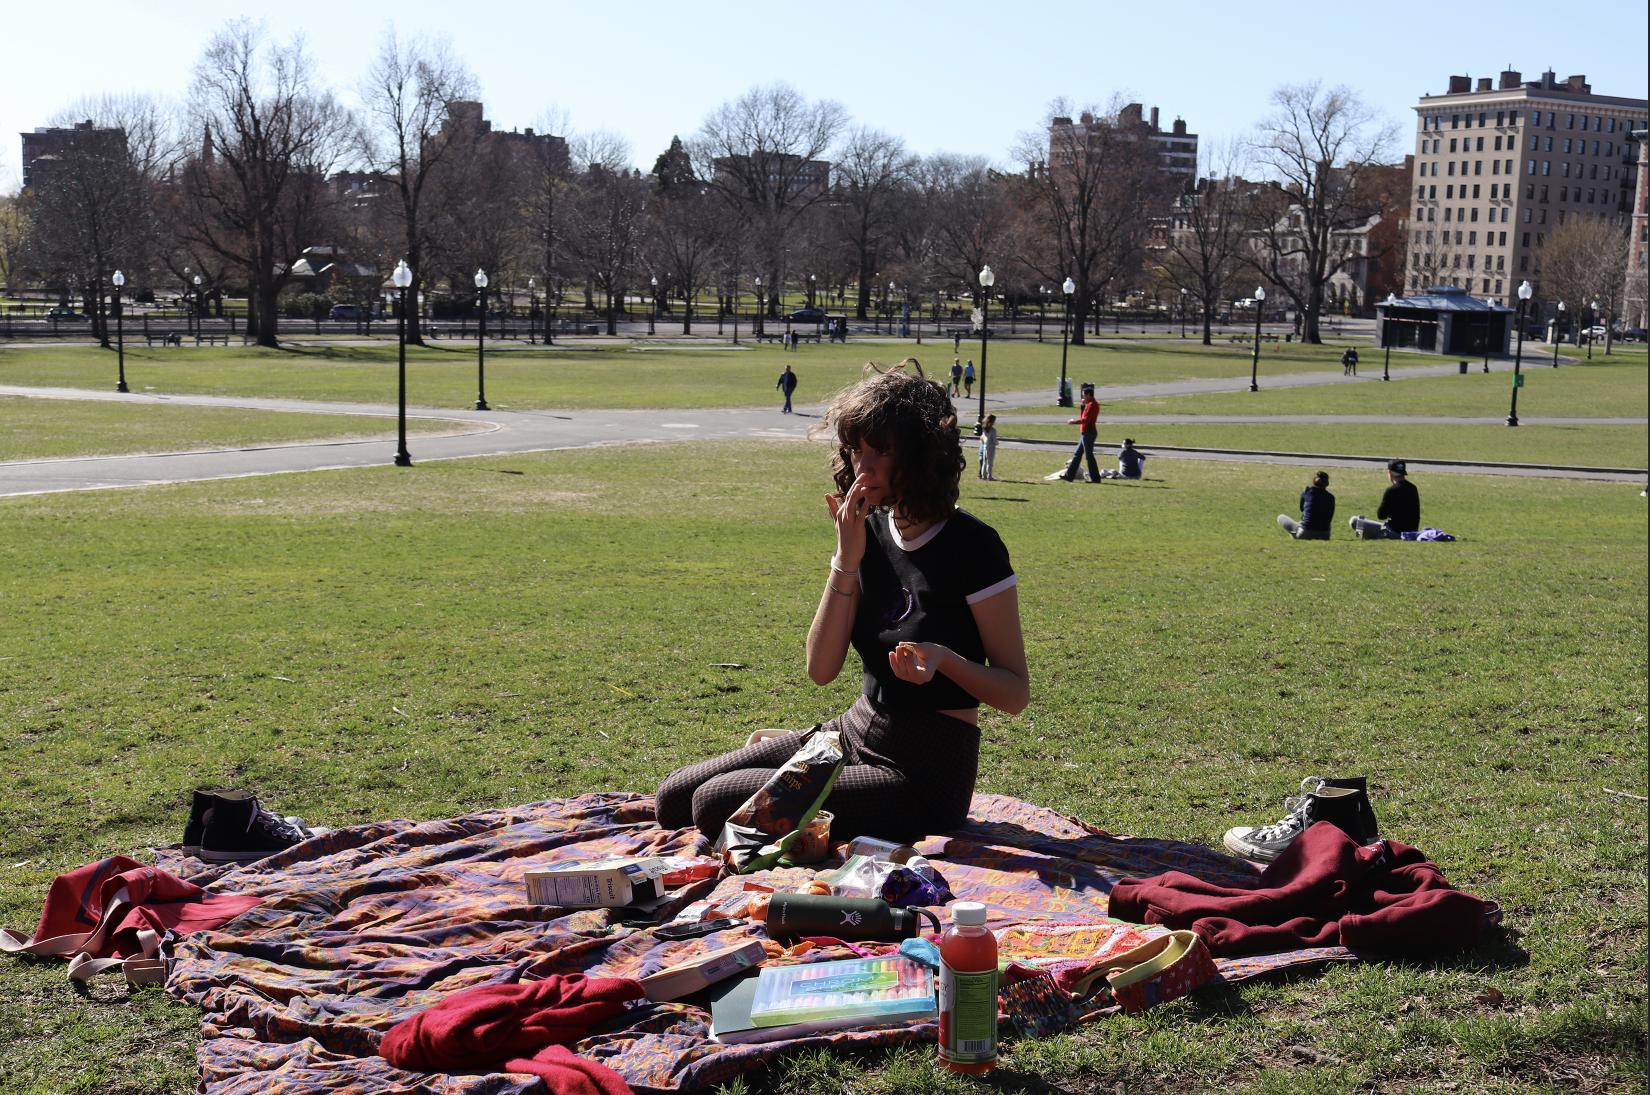 Picnic in Boston